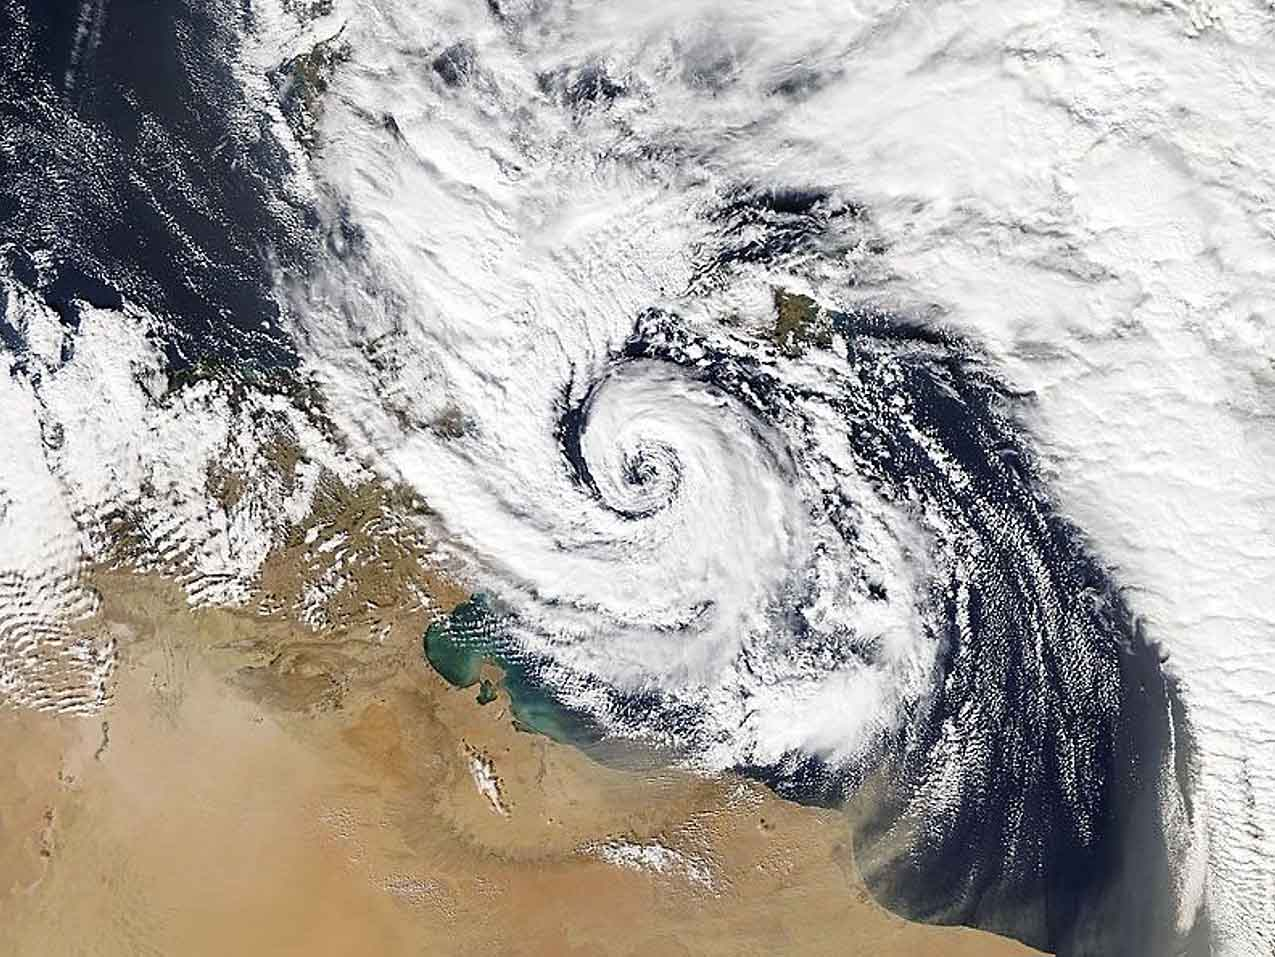 tropical-like-cyclone-medicane-alike-black-sea-impact-qendresa